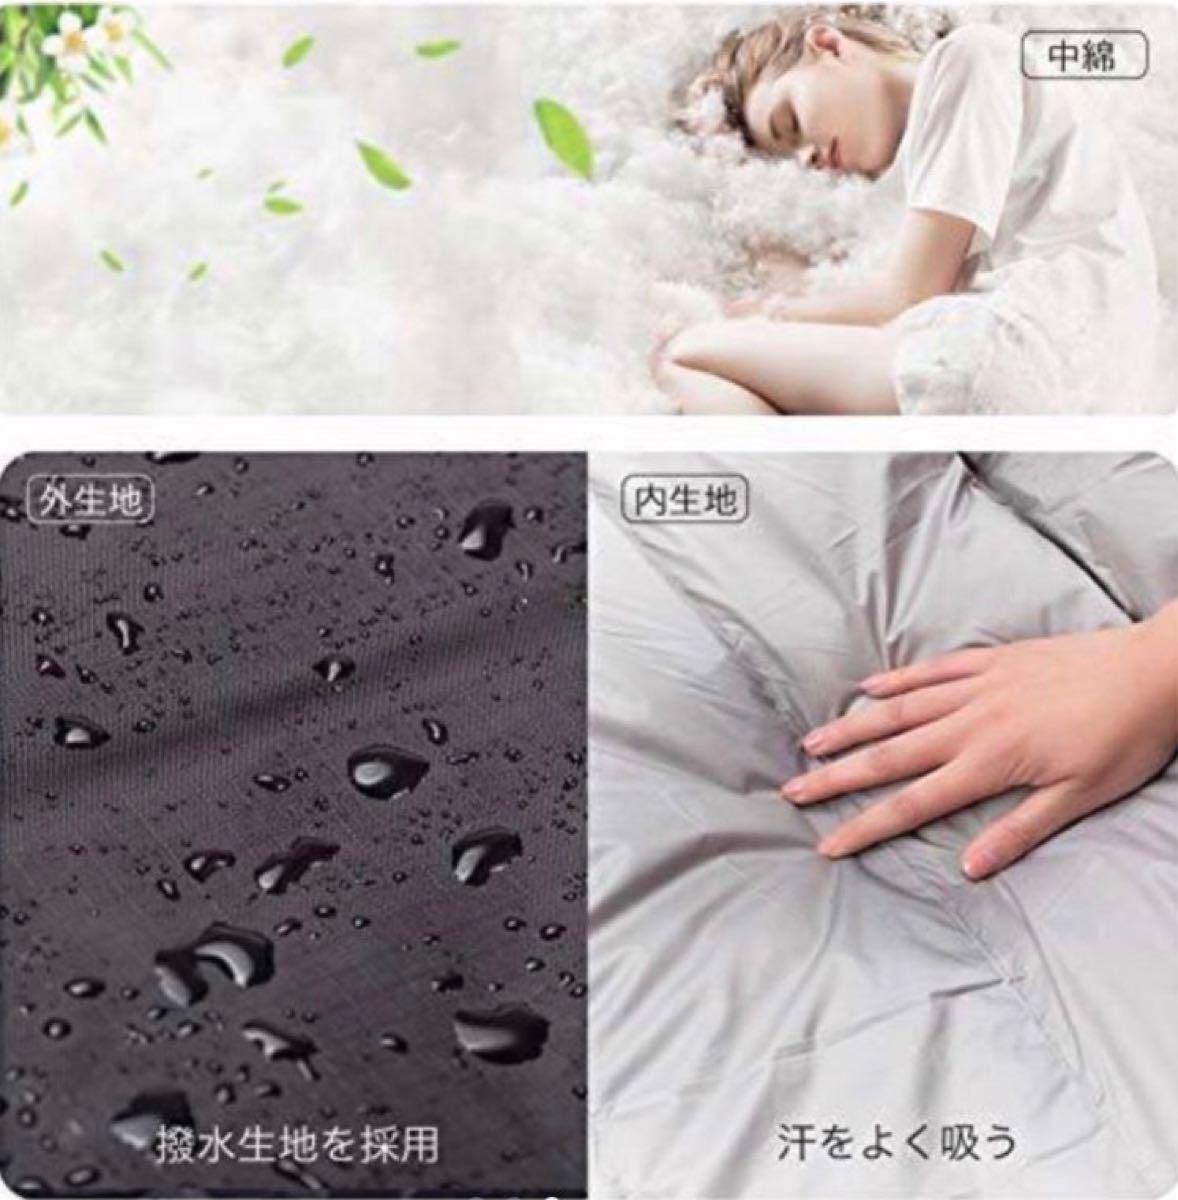 寝袋 シュラフ 封筒型 防水保温 丸洗い可能 連結可能 キャンプ 収納袋付